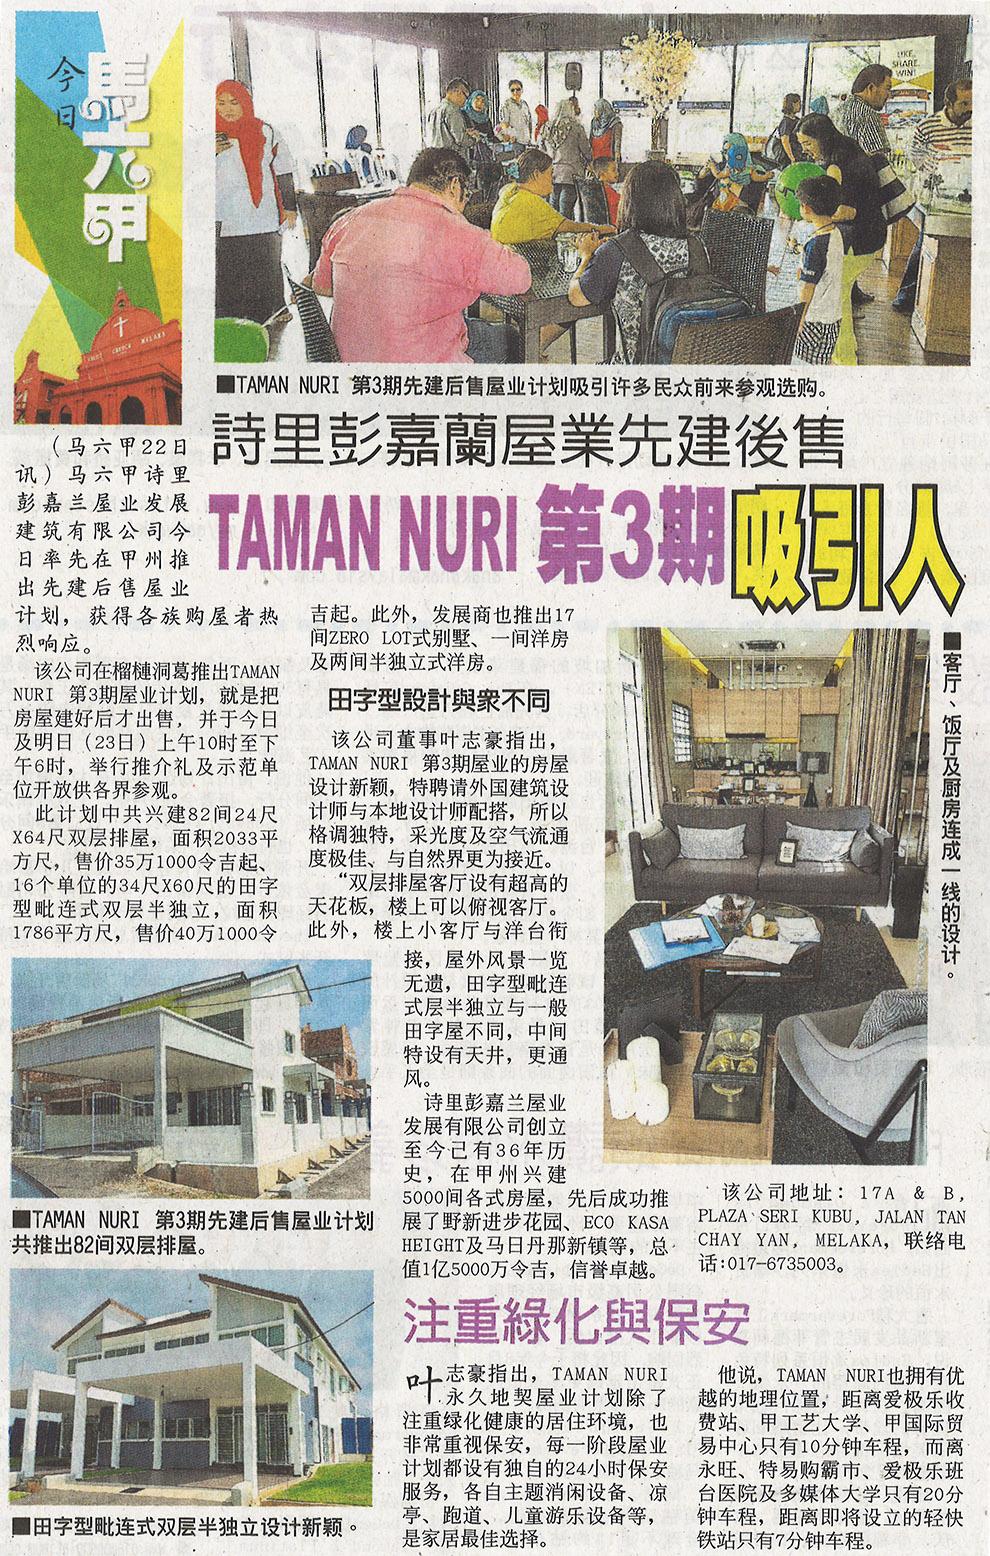 诗里彭佳兰屋业先建后售TAMAN NURI第3期吸引人